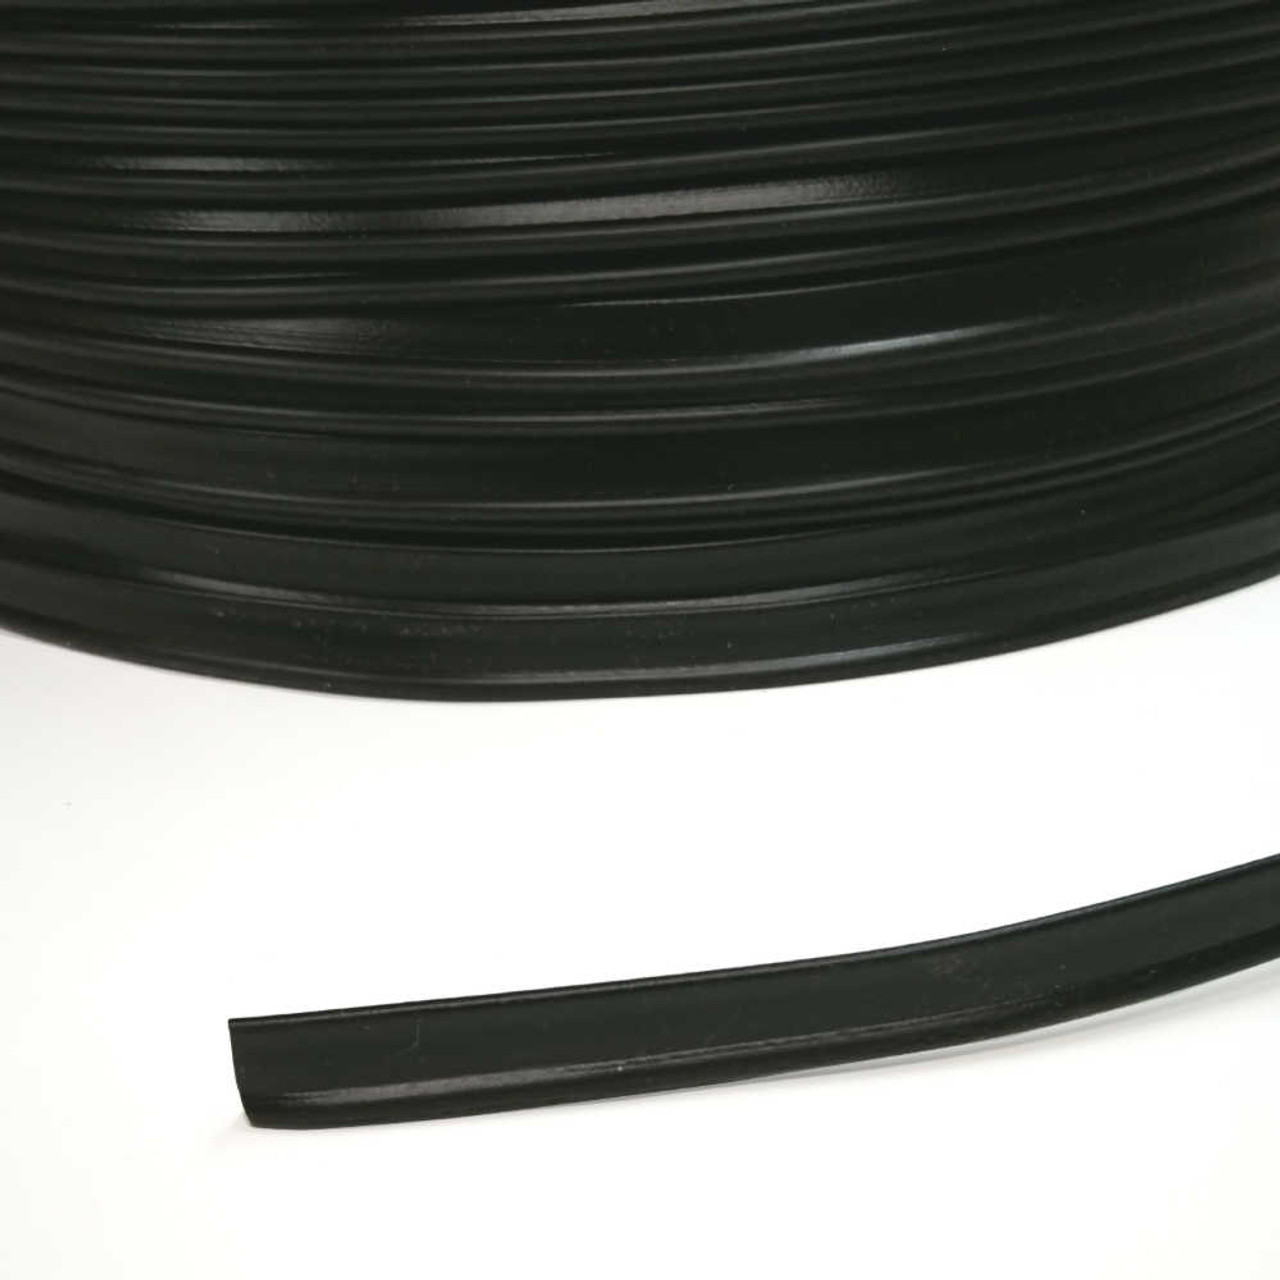 Next Gen - Medium Black Piping (by foot)